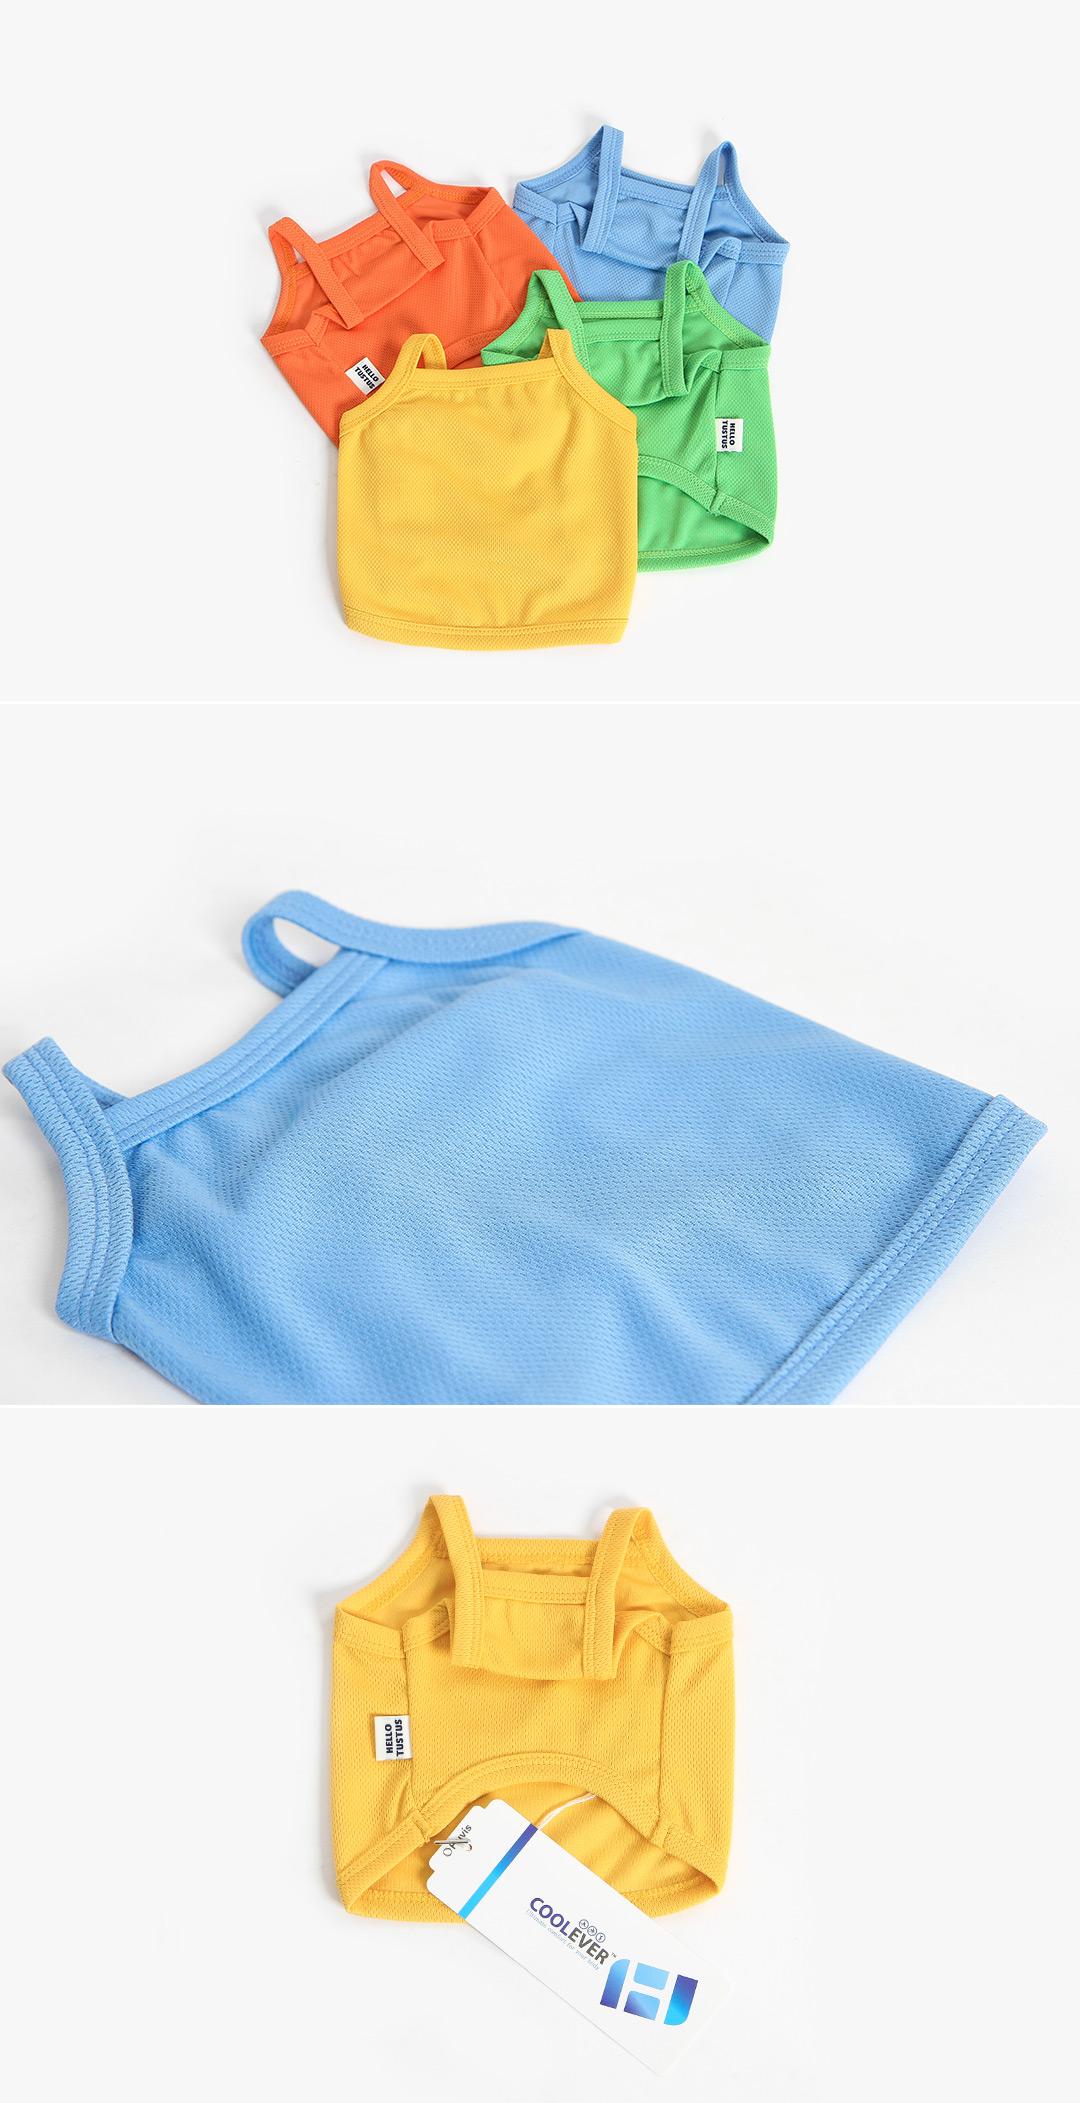 강아지 쿨조끼 쿨나시 티셔츠(노랑) - 투스투스, 9,900원, 의류/액세서리, 의류